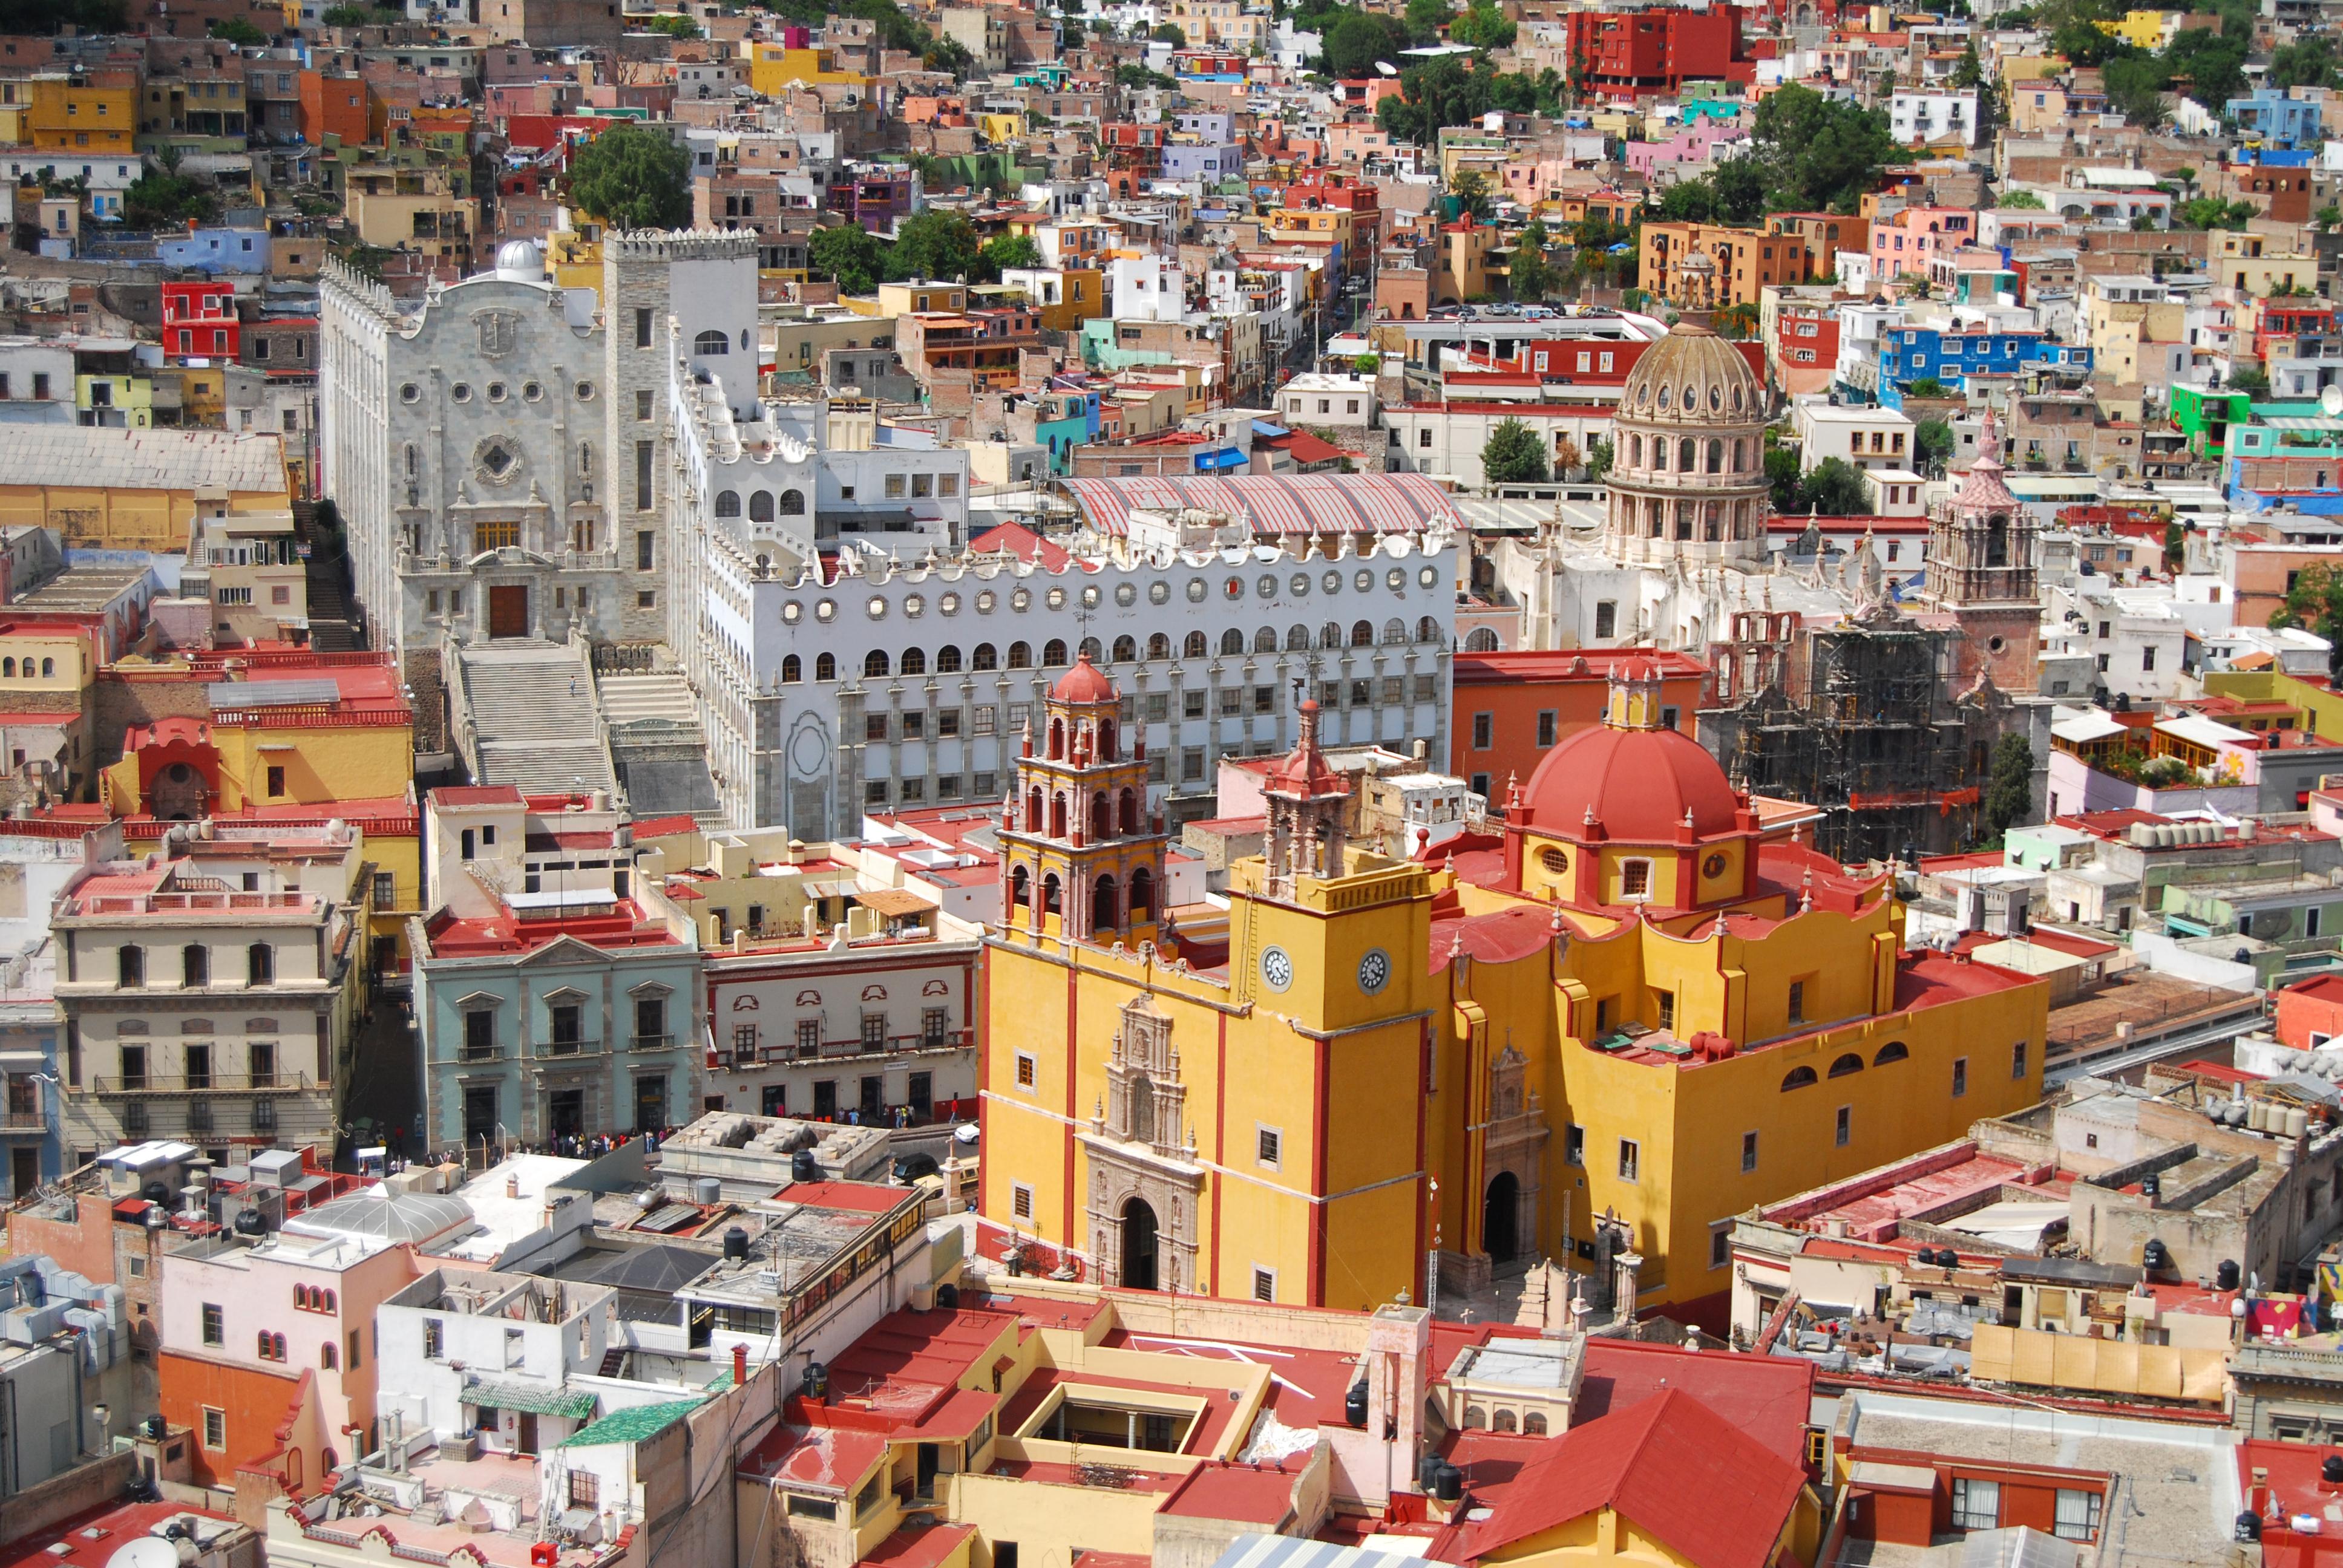 Elevation of Santa Fe, Guanajuato, Gto., Mexico ... on 1550 s in mexico city map, mexico city neighborhood map, coyoacan mexico city map, aztec mexico city map, mexico city on the map, merida mexico city map, colonial mexico city map, teotihuacan mexico city map, ensenada mexico city map, jemez mountains new mexico map, durango mexico city map, united states mexico city map, zocalo mexico city map, albuquerque new mexico map, explorando mexico city mexico map, polanco mexico city map, los arcos mexico city map, las cruces new mexico map, xochimilco mexico city map, san angel mexico city map,